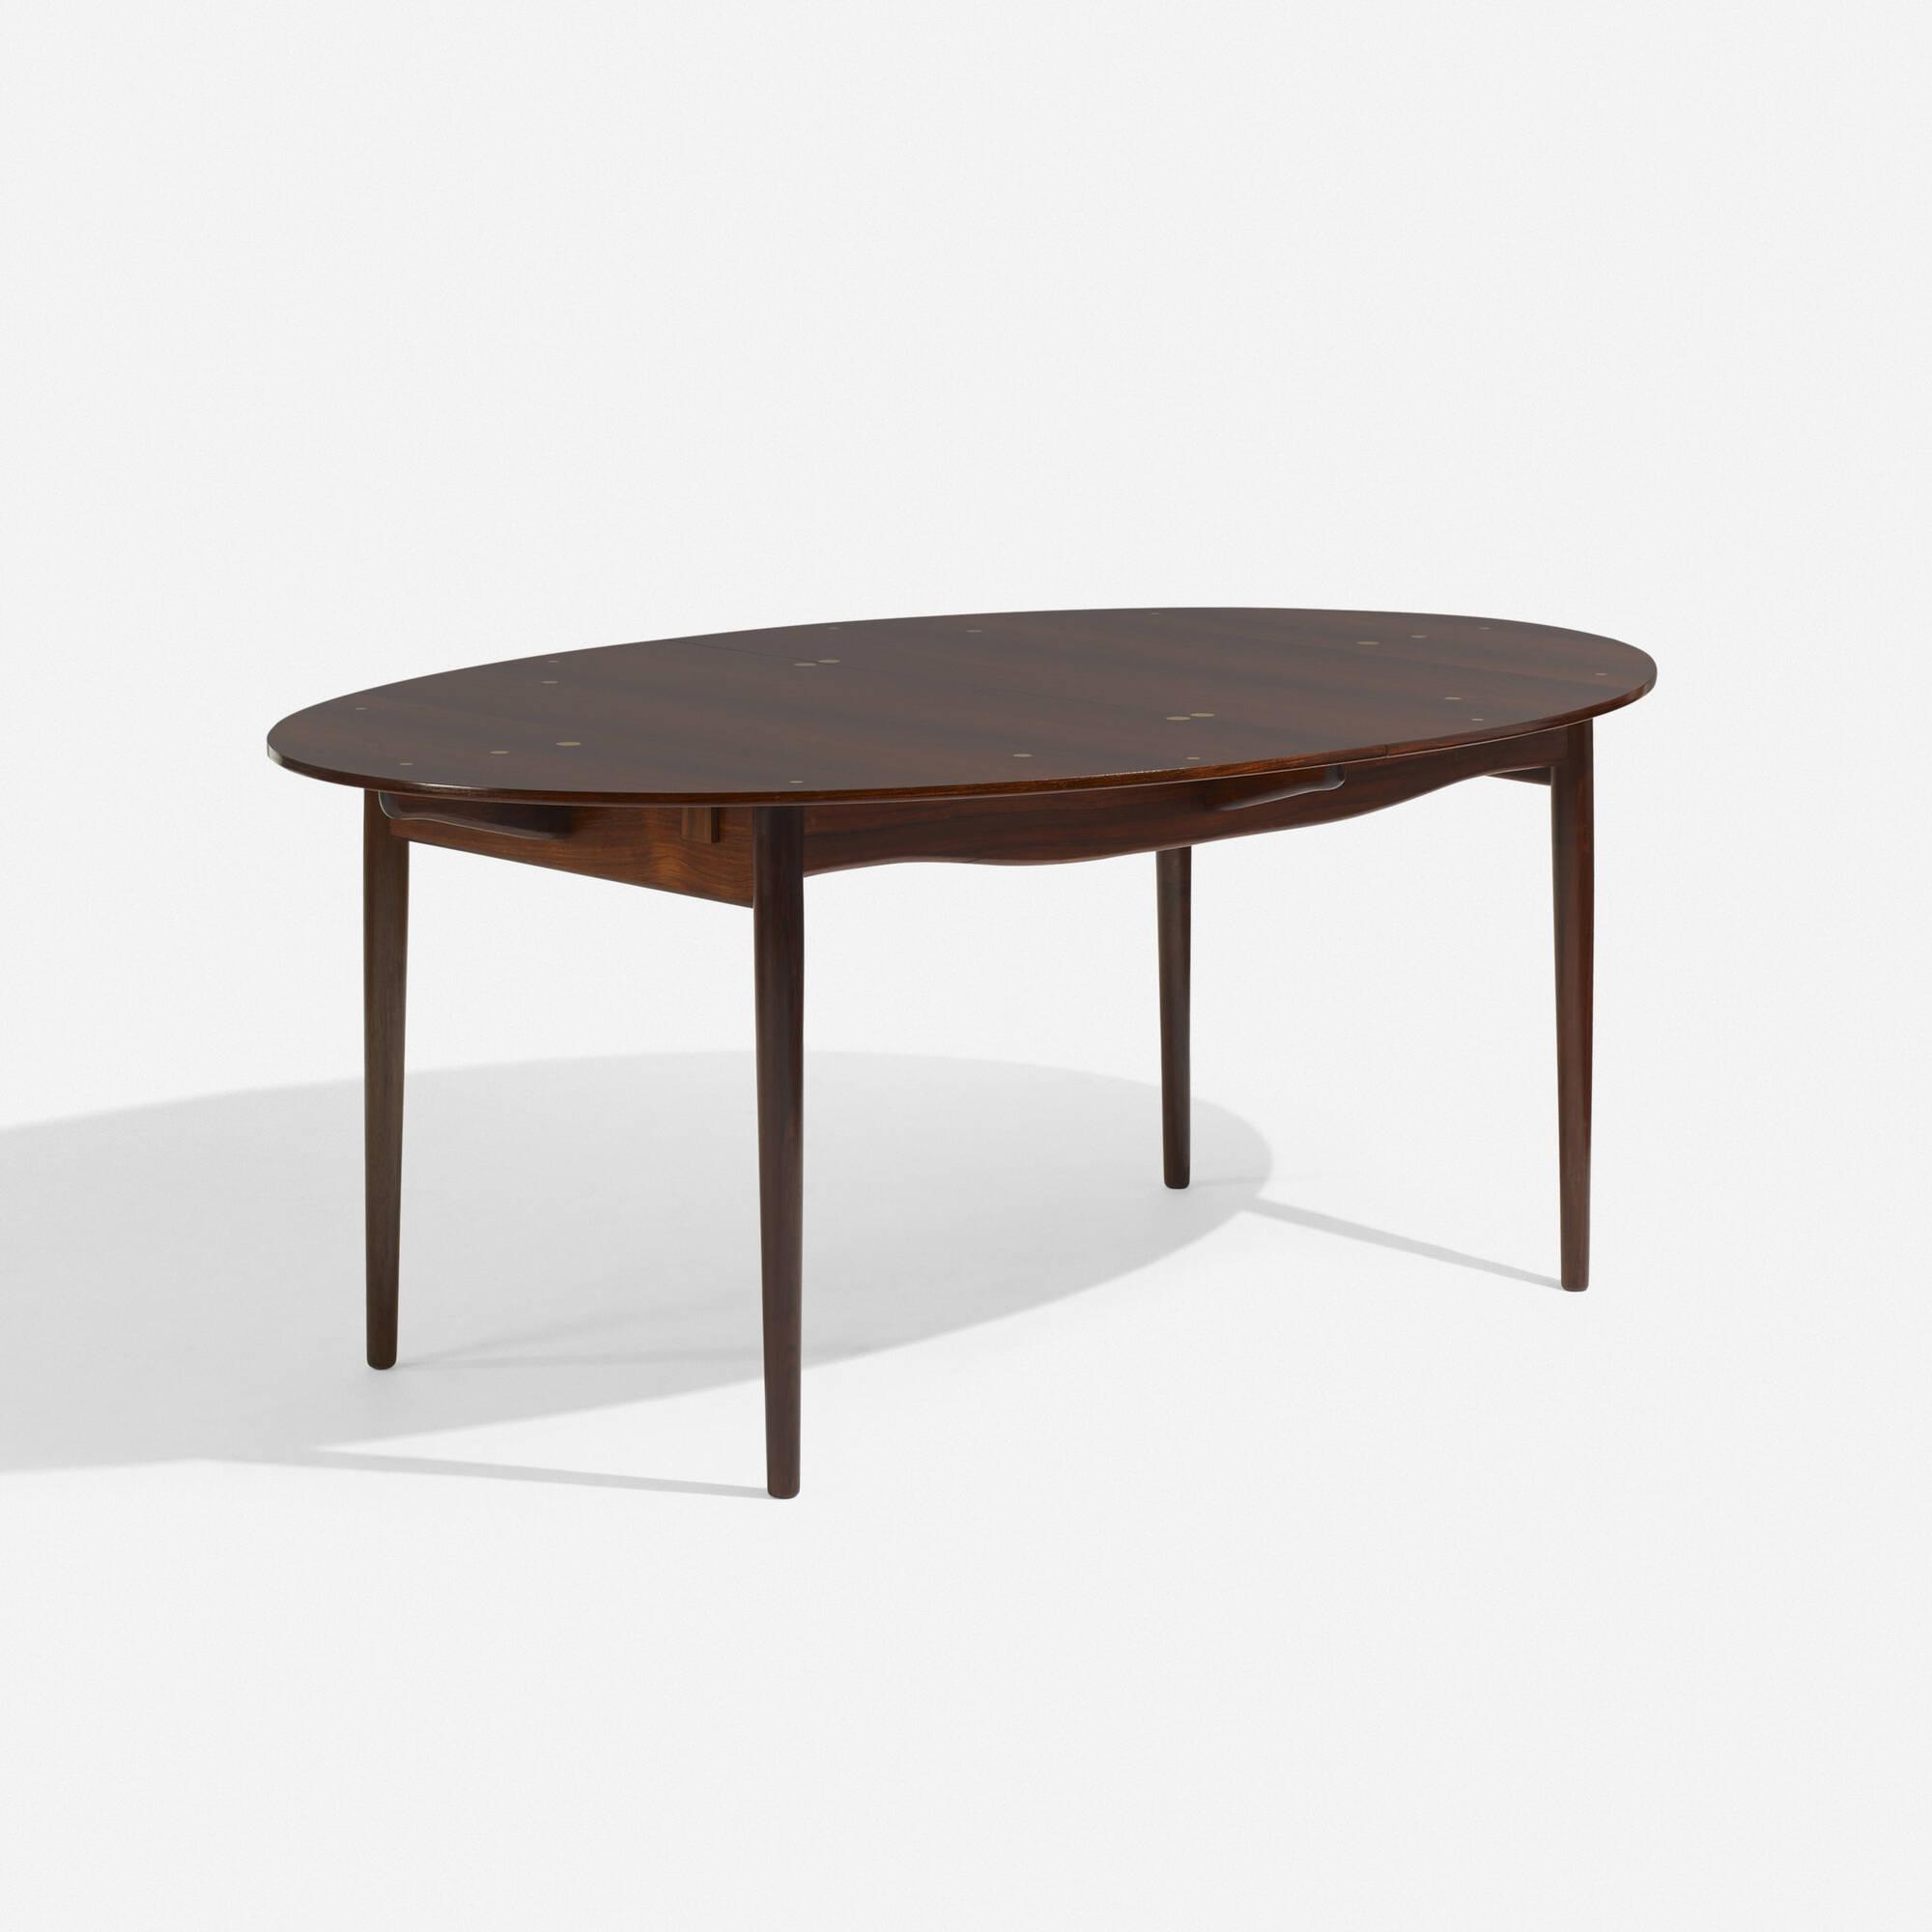 131: Finn Juhl / Judas dining table (1 of 4)